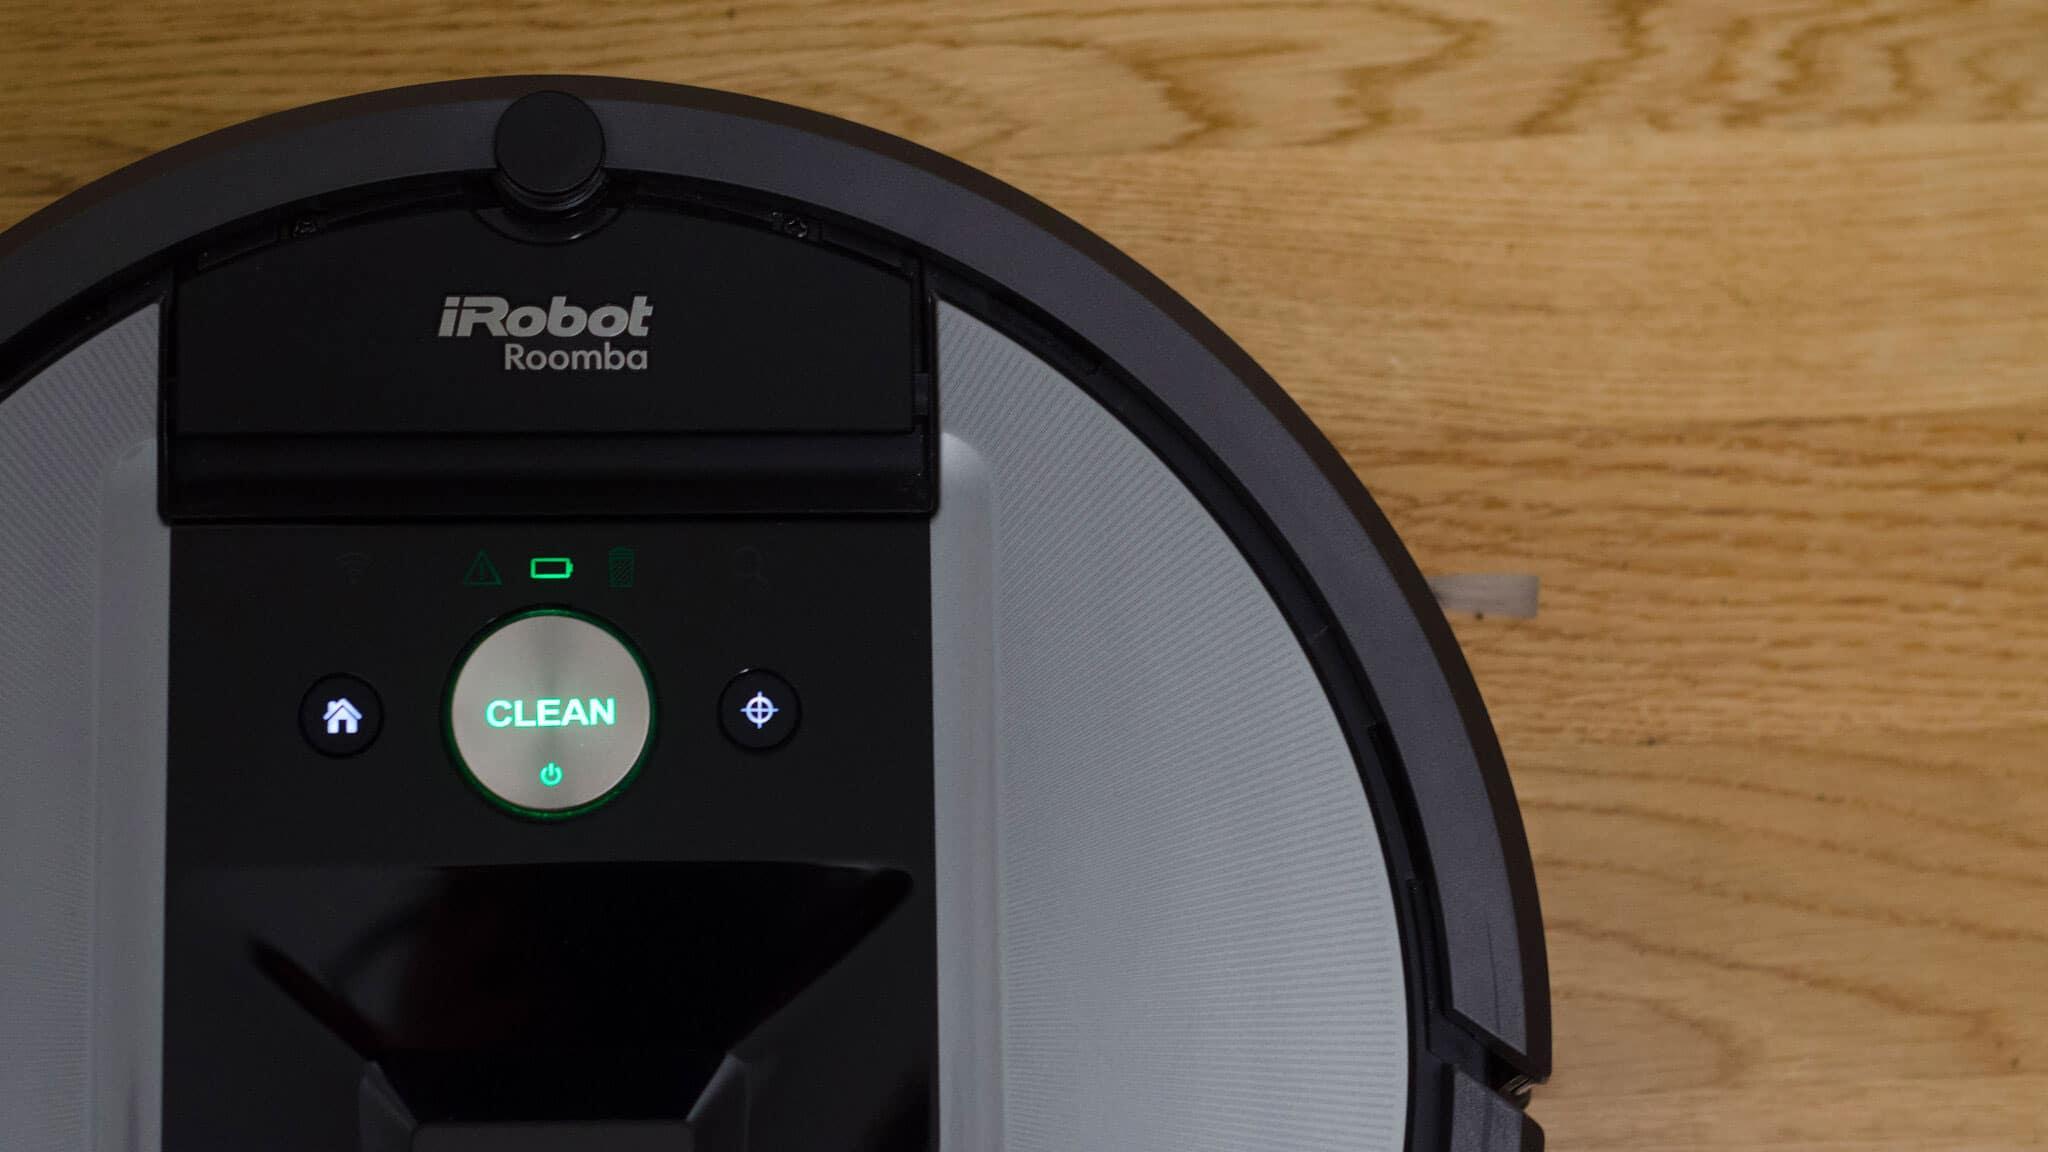 test irobot roomba 960